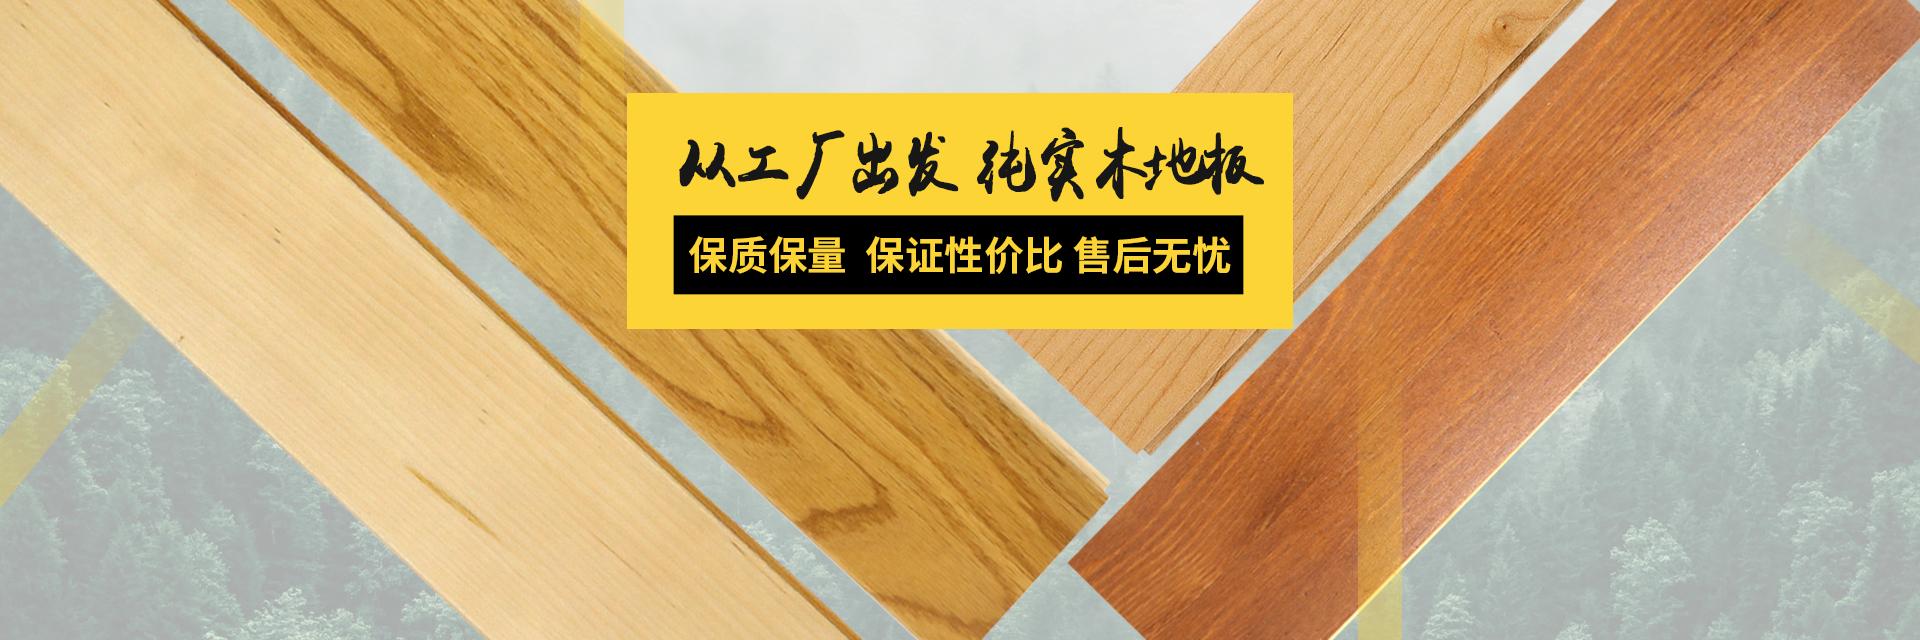 实木运动地板厂家产品